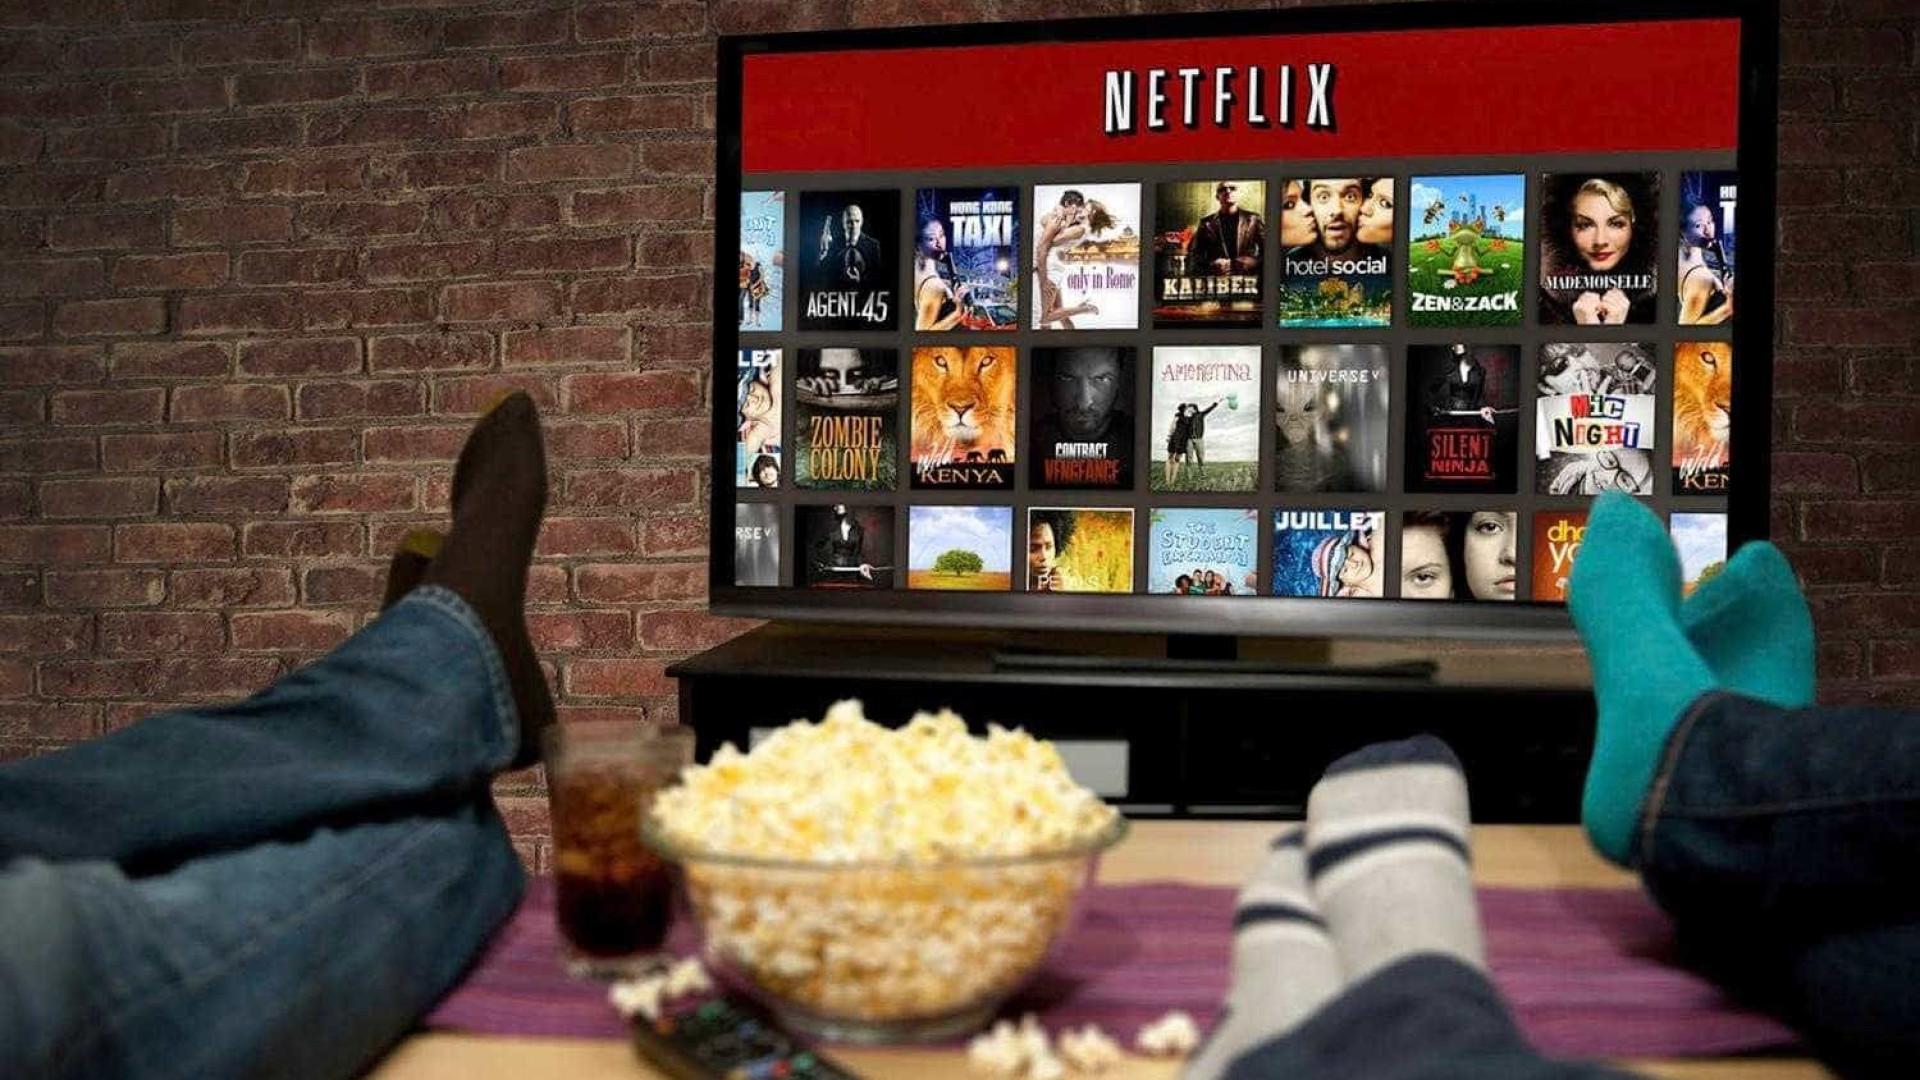 Netflix desiste de série turca após censura do governo a personagem gay